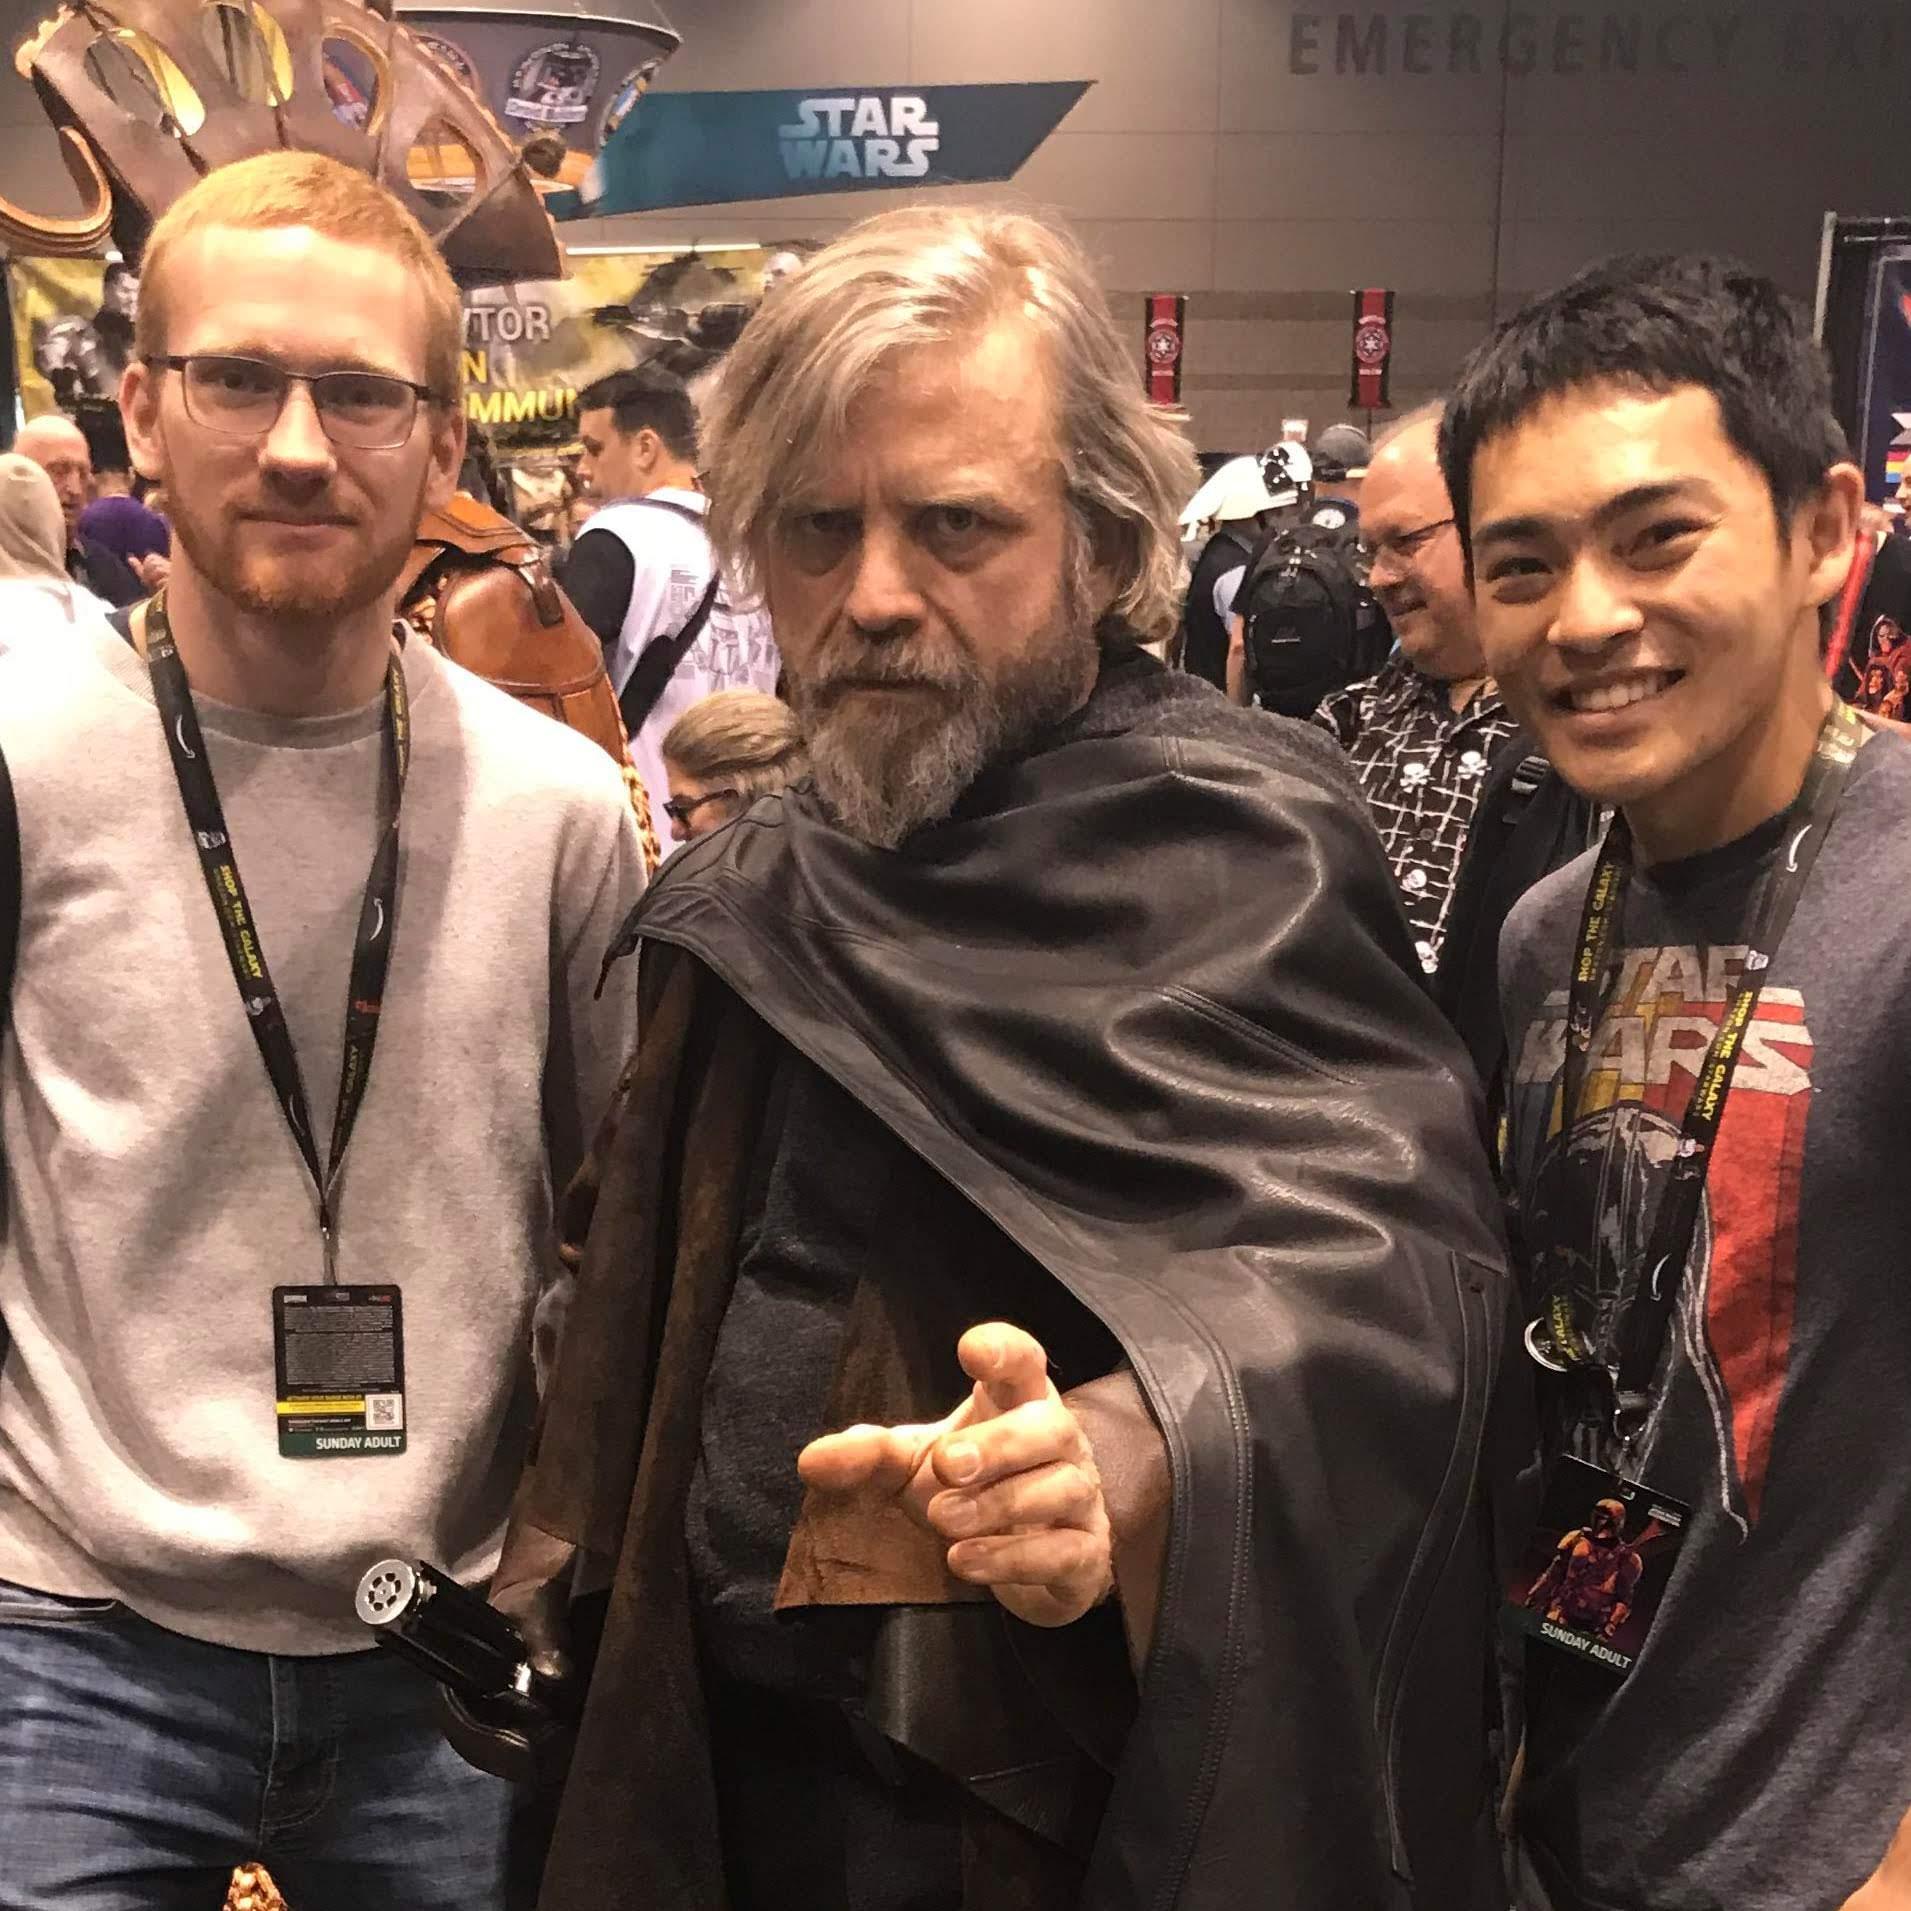 Fluke Skywalker at Star Wars Celebration Chicago : スター・ウォーズ・セレブレーションの会場で、誰もがマーク・ハミルがお忍びで来たのか ? ! とビックリしたルーク・スカイウォーカーなりきりのおじさんは、コスプレで稼いだギャラ全額を児童福祉に寄付している光のフォースを持った真のジェダイの騎士だった ! !